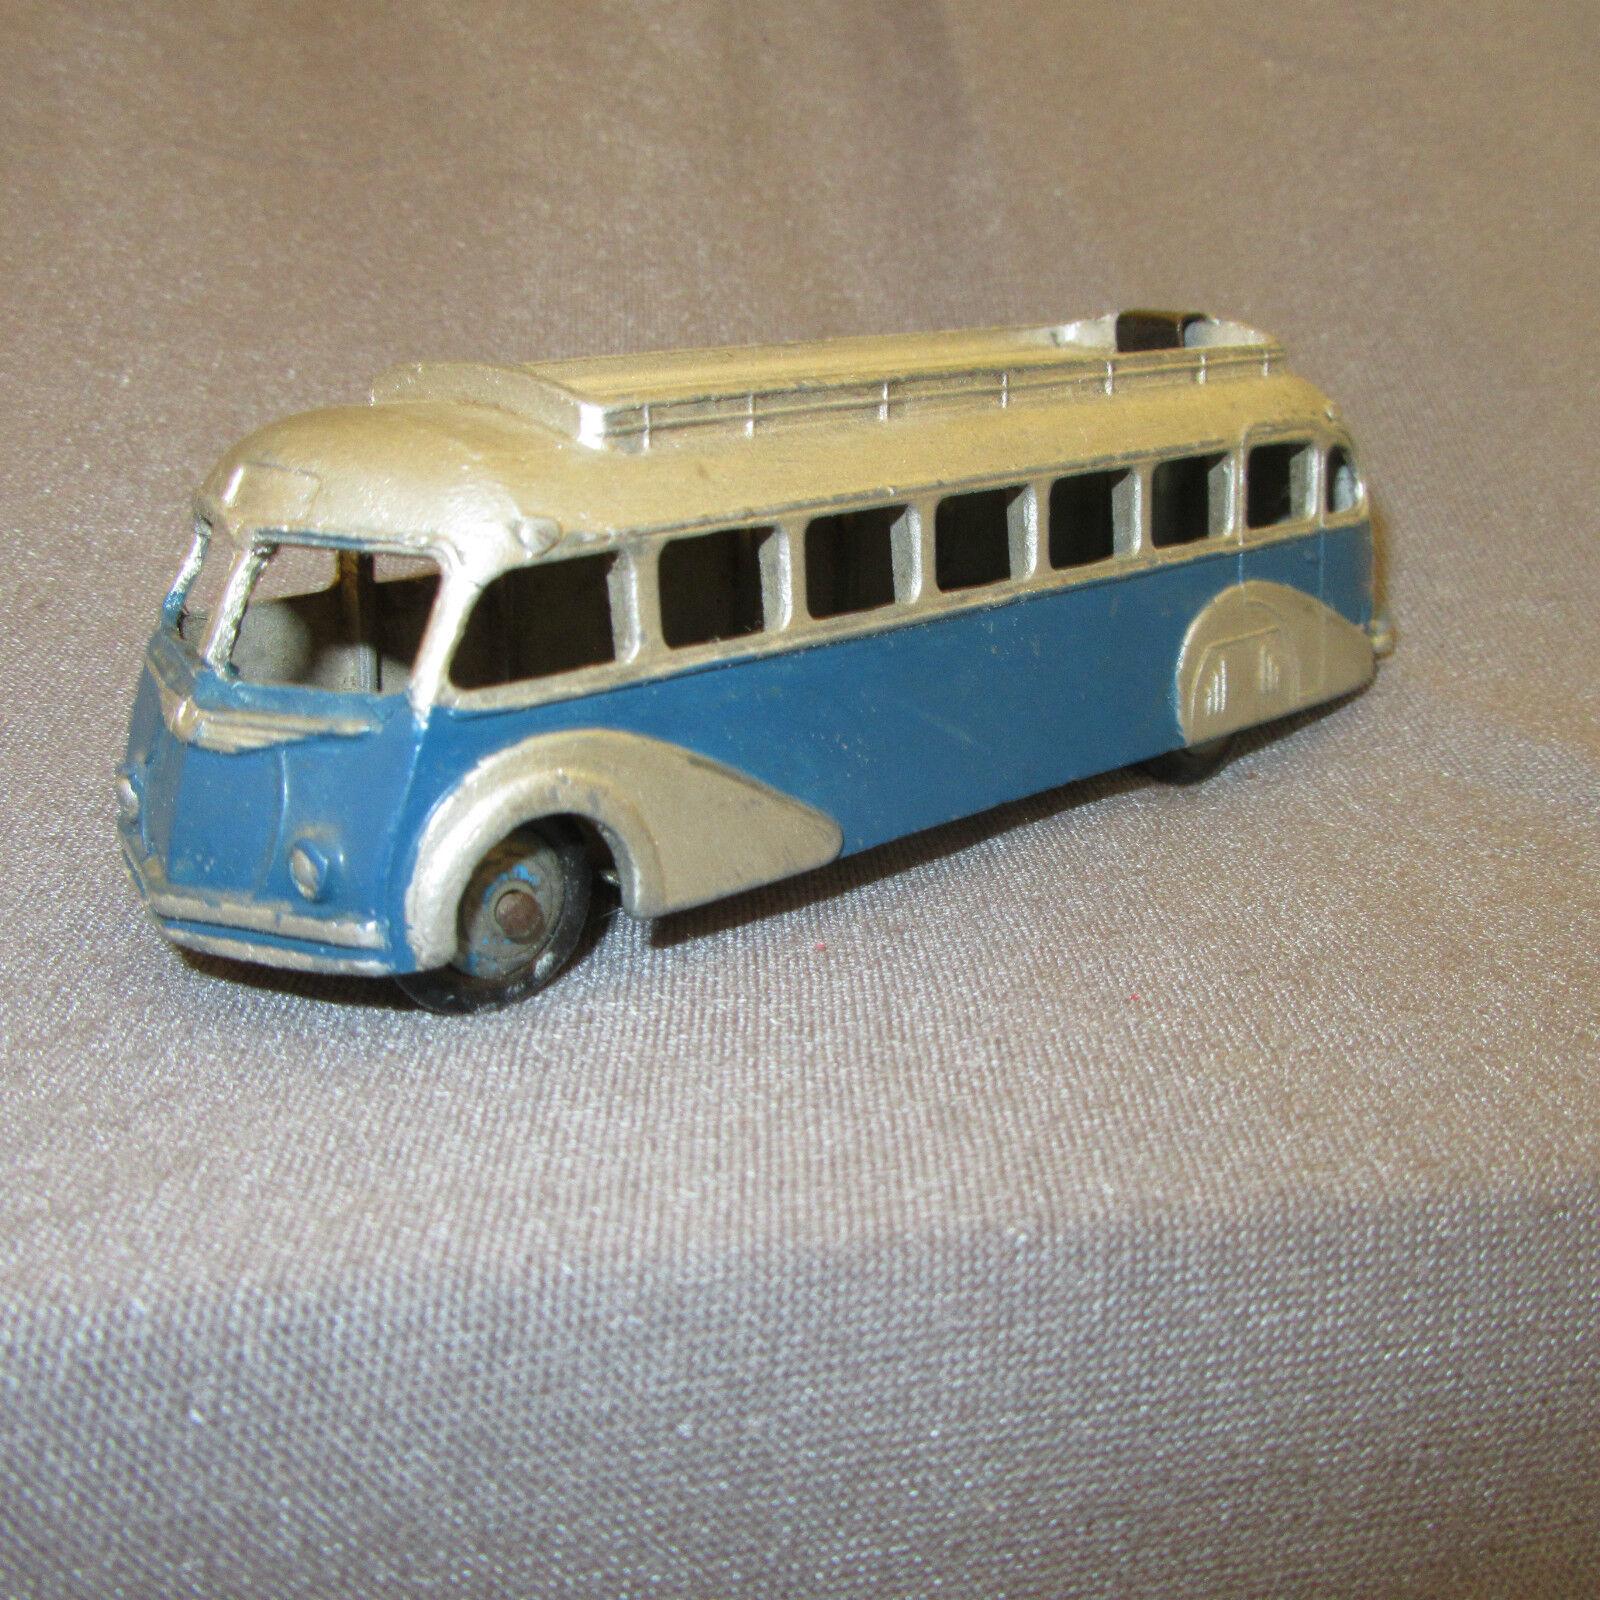 59e vintage dinky autocar Isobloc bus 29e repainted